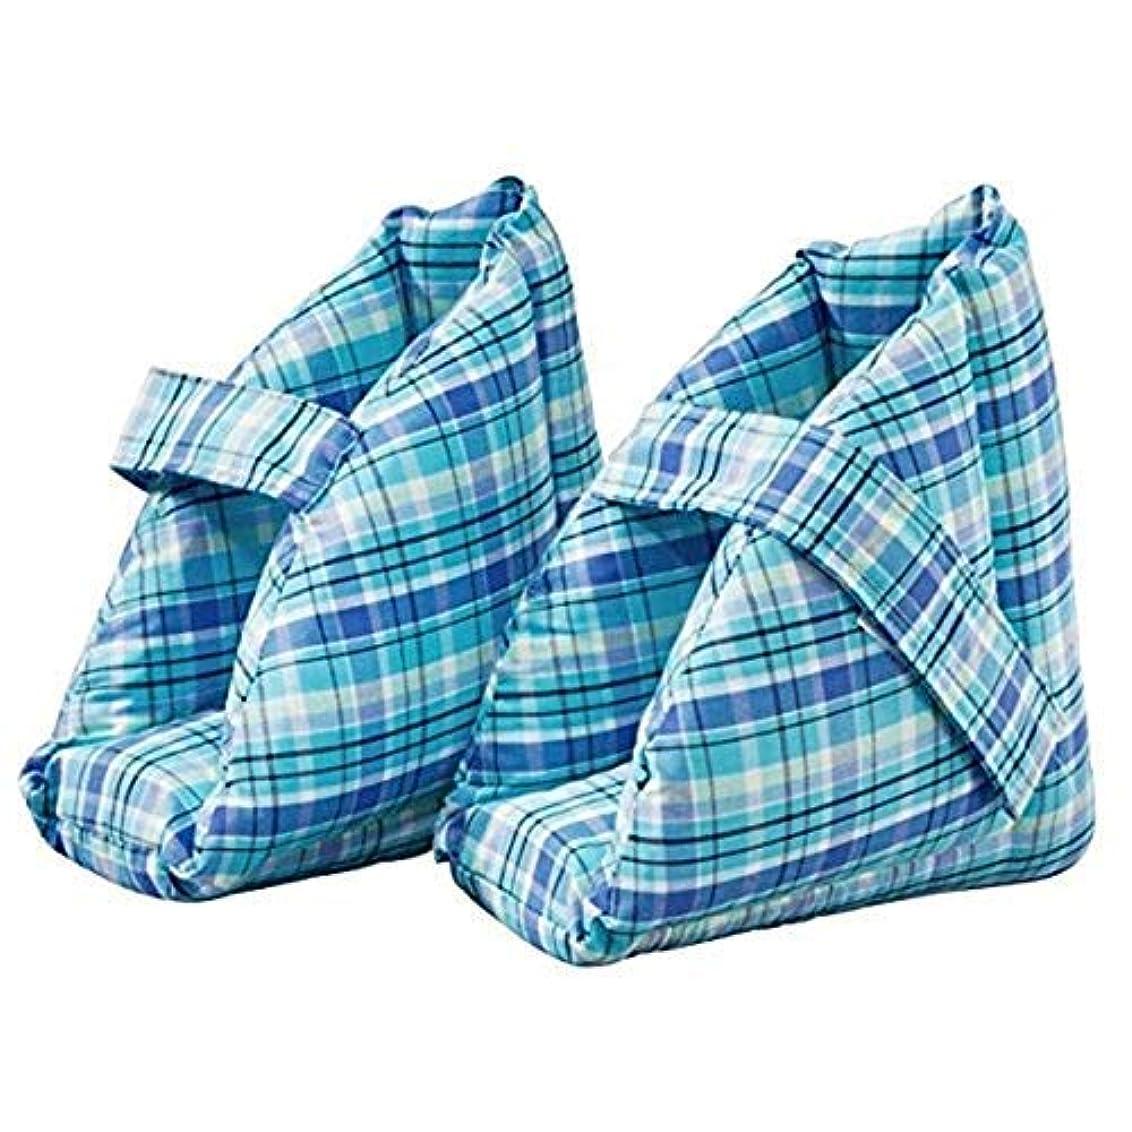 動員するハシーハンカチ足の枕、足の腫れに最適なヒールプロテクタークッション、コンフォートヒールの保護足枕、ワンペア